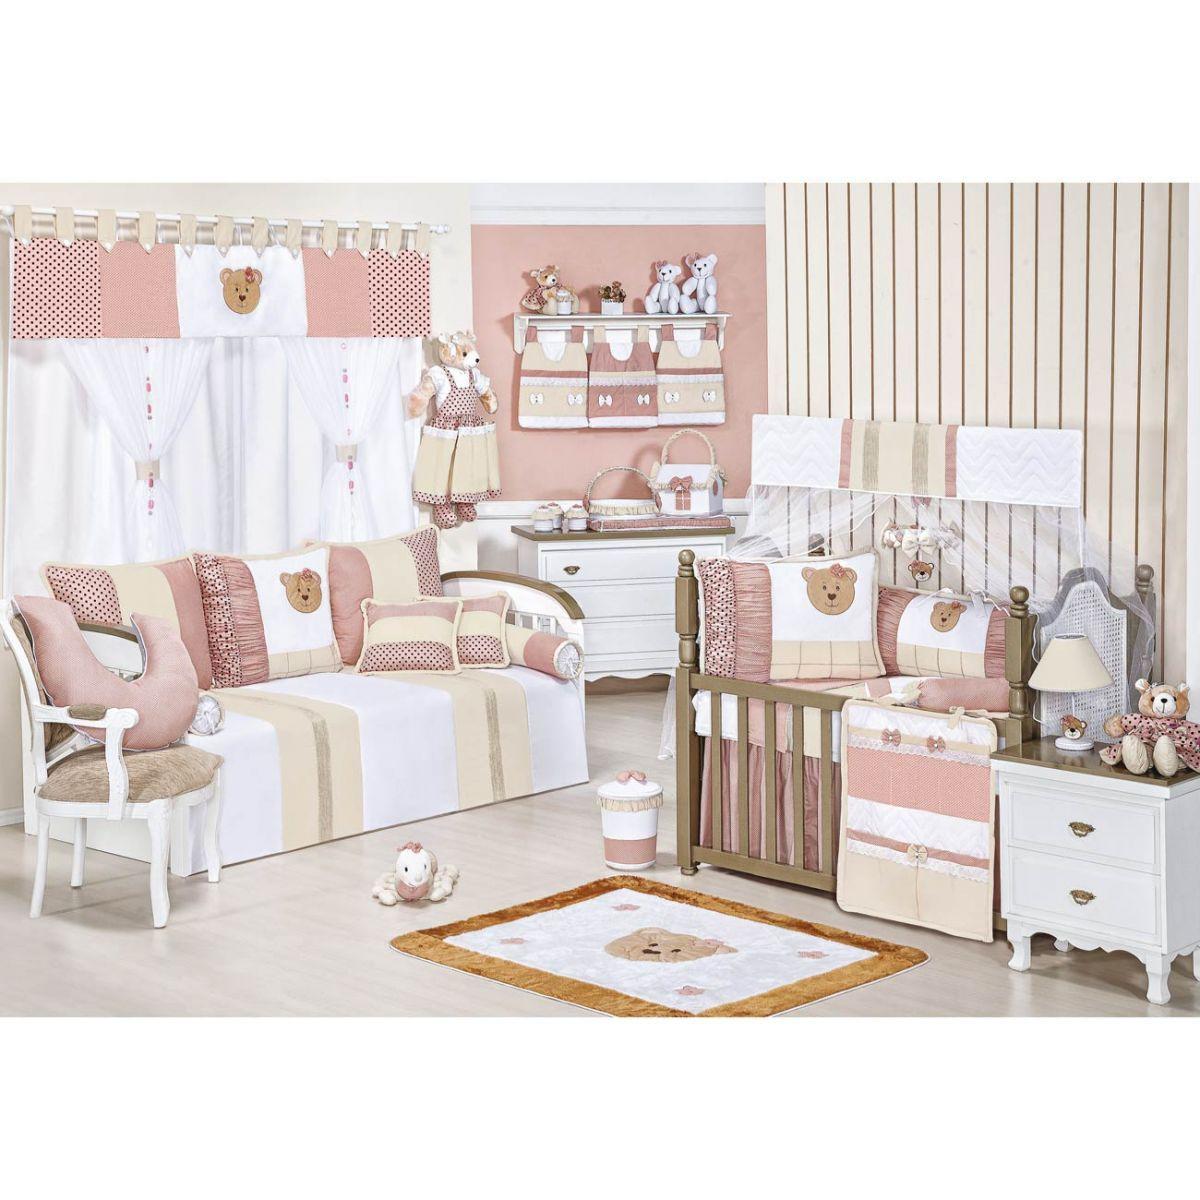 Apoio para Amamentar Bebê - Coleção Aurora